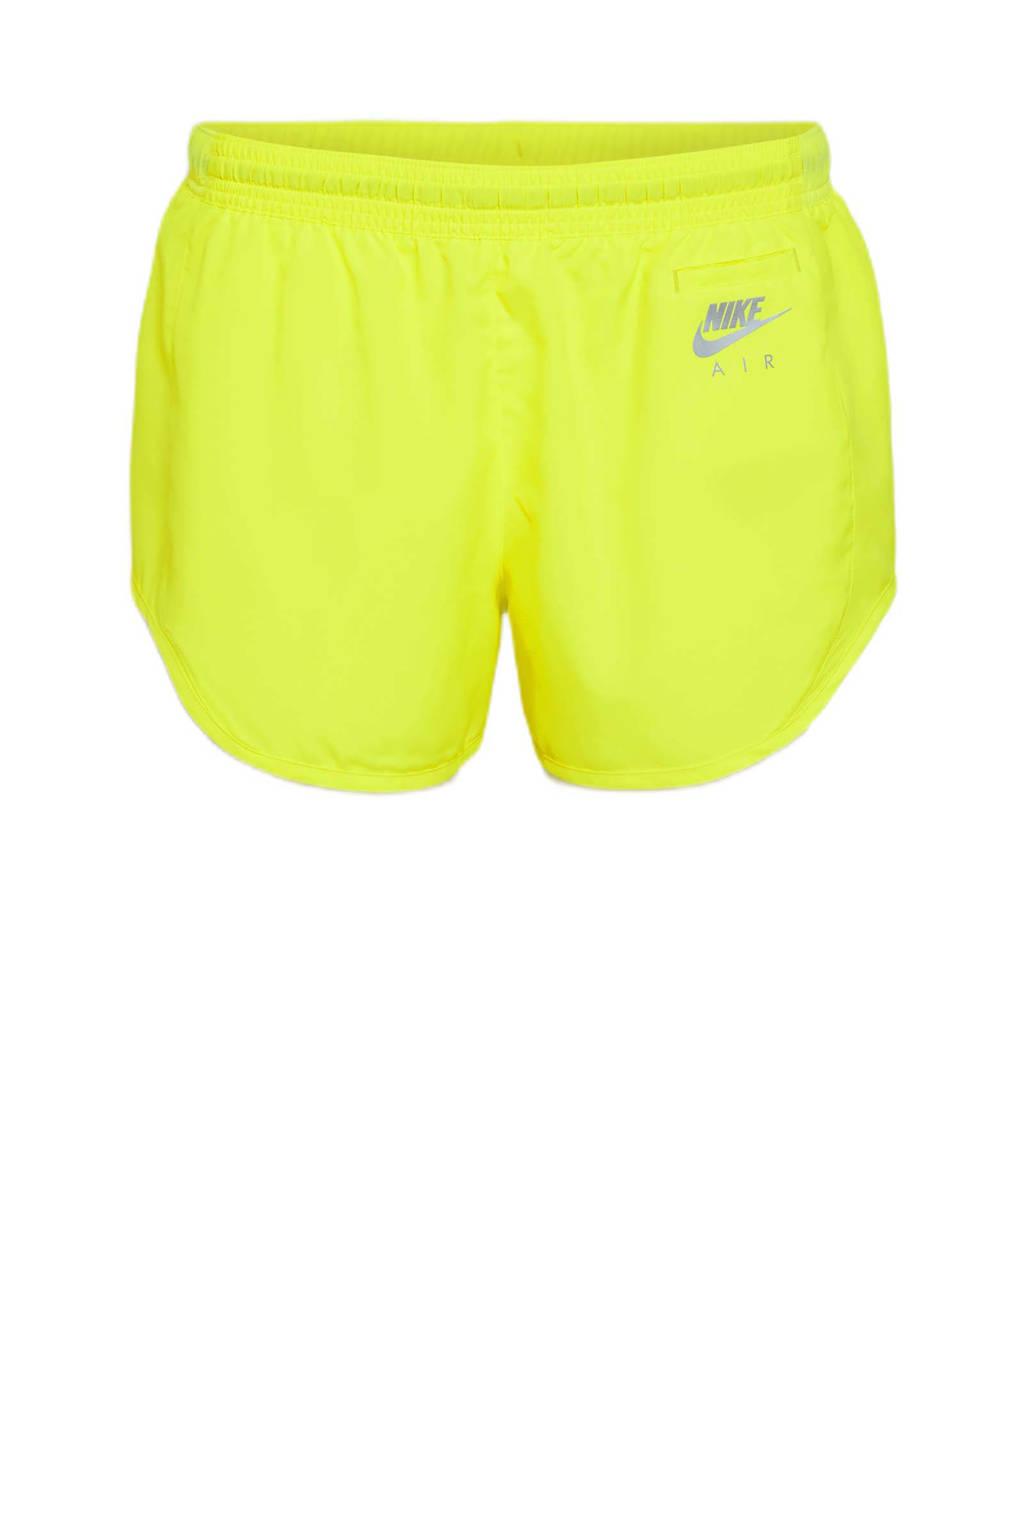 Nike hardloopshort neon geel, Neon geel